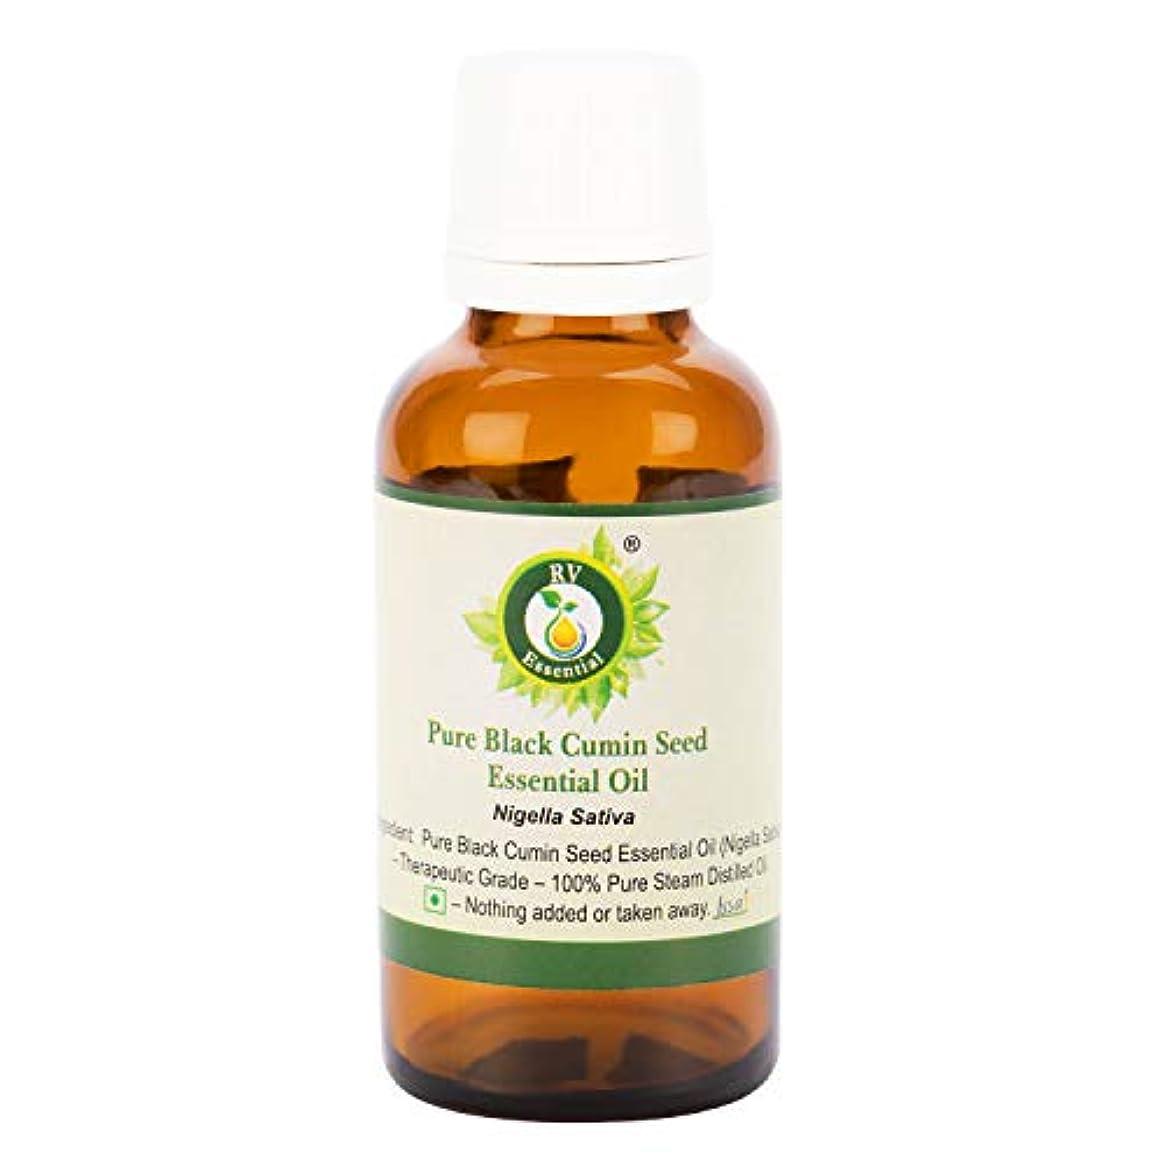 するだろう不平を言う続けるピュアブラッククミンシードエッセンシャルオイル5ml (0.169oz)- Nigella Sativa (100%純粋&天然スチームDistilled) Pure Black Cumin Seed Essential...